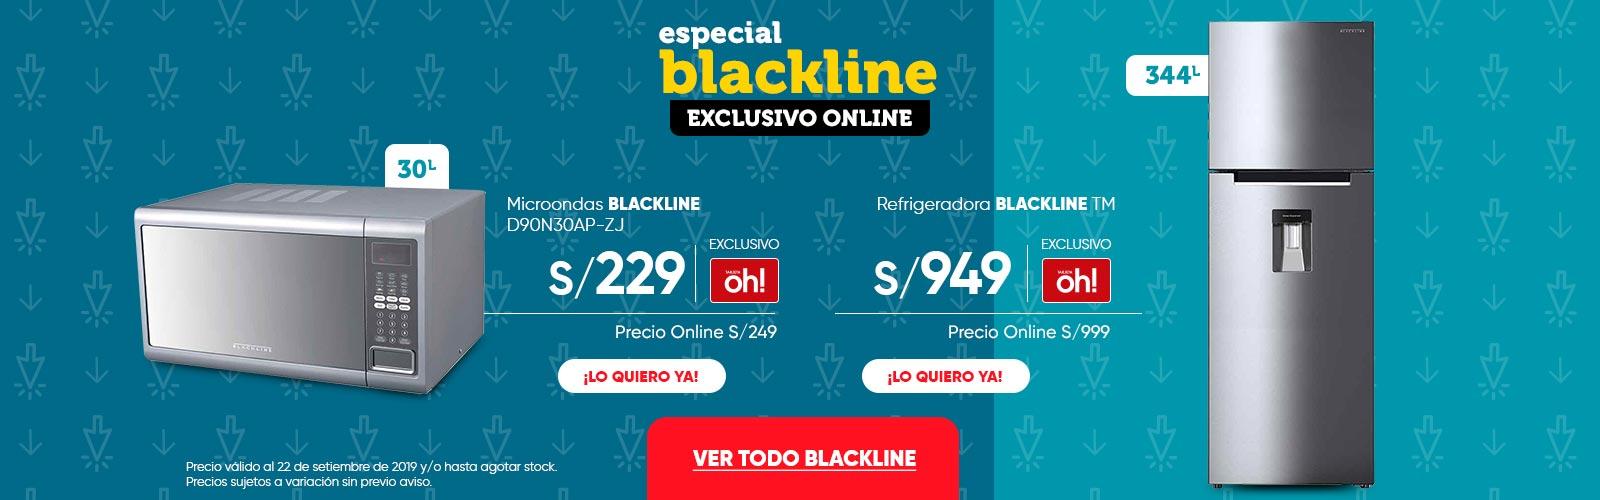 Microondas BLACKLINE D90N30AP-ZJ Refrigeradora BLACKLINE TM